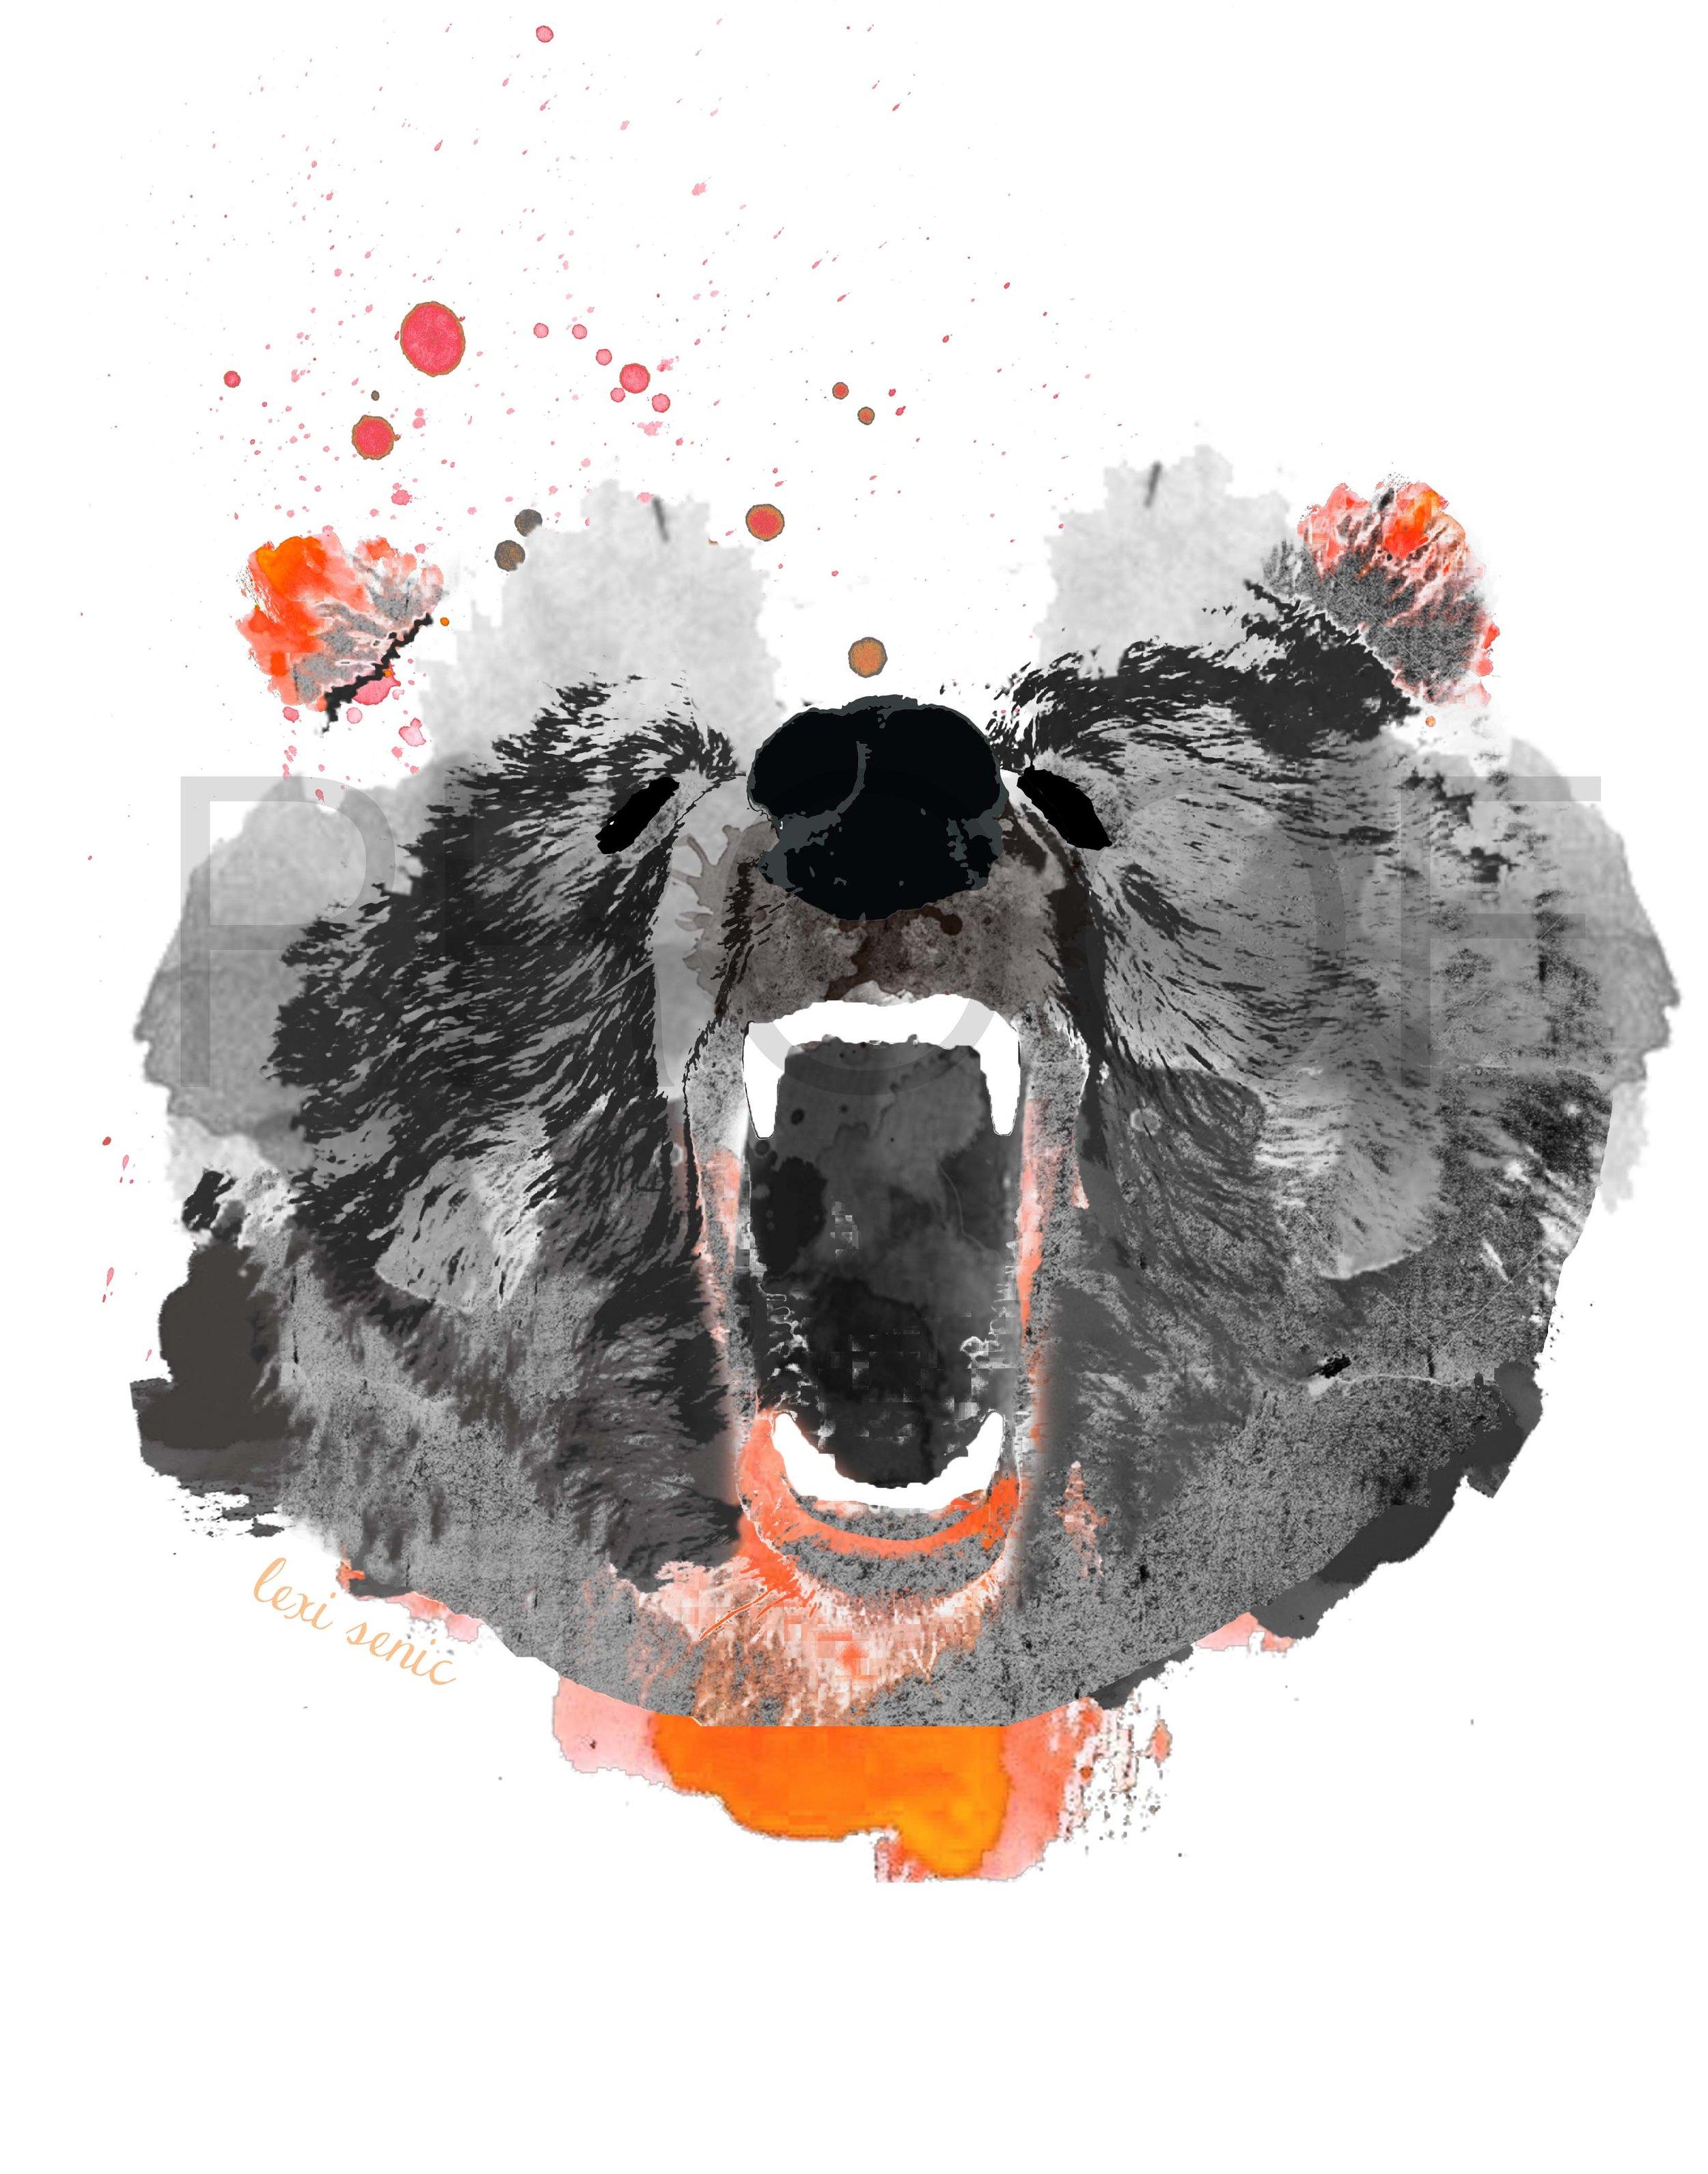 roaring-bear-boy-proof.jpg